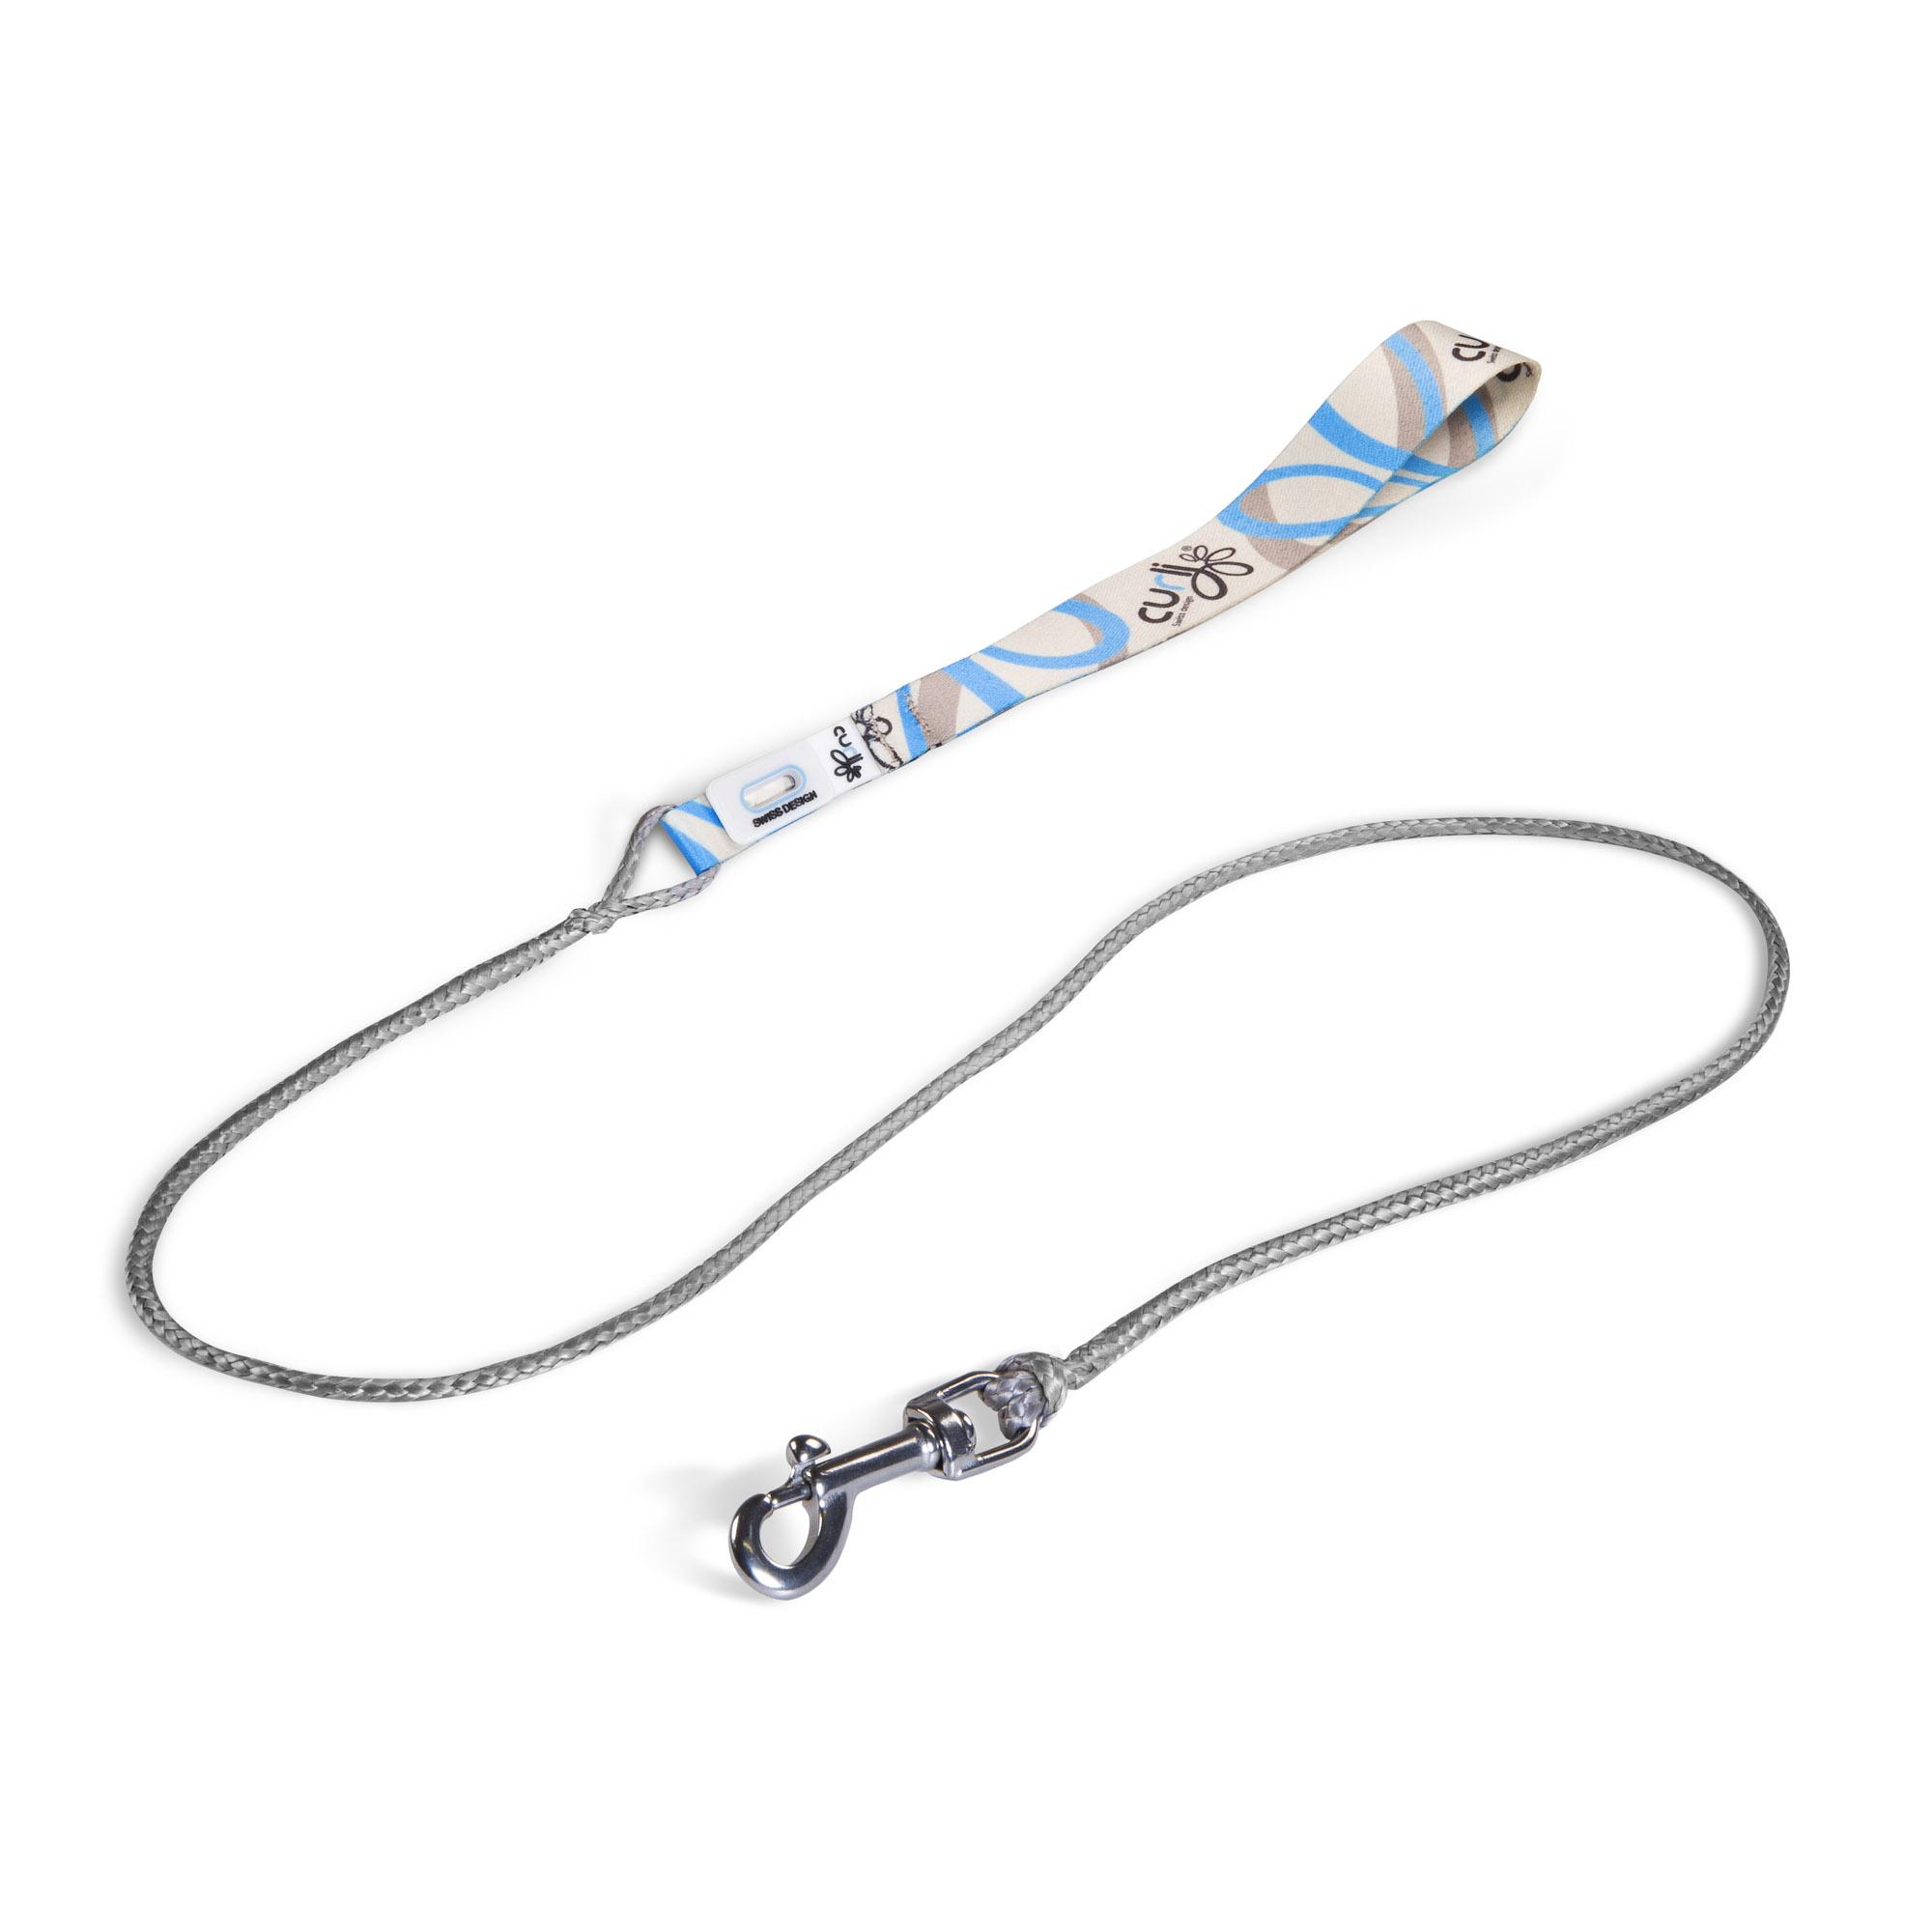 Curli Ultra Strong Pocket Leine weiß-blau 110cm